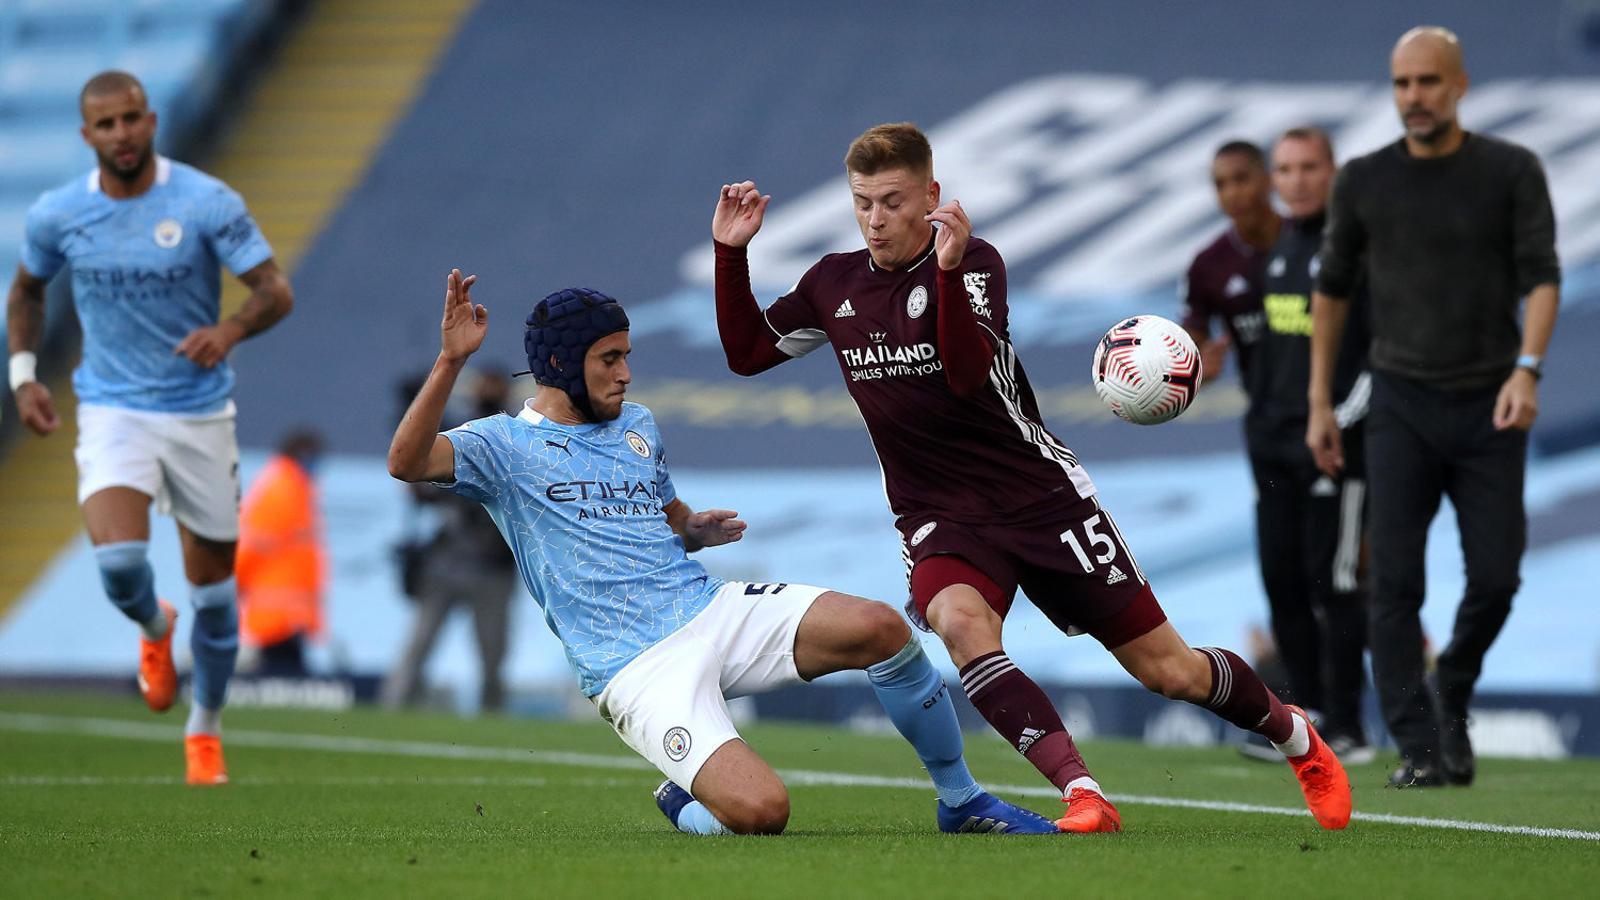 Eric García, amb un casc protector, pugnant per una pilota en un partit amb el Manchester City, amb Pep Guardiola seguint la jugada en segon pla.